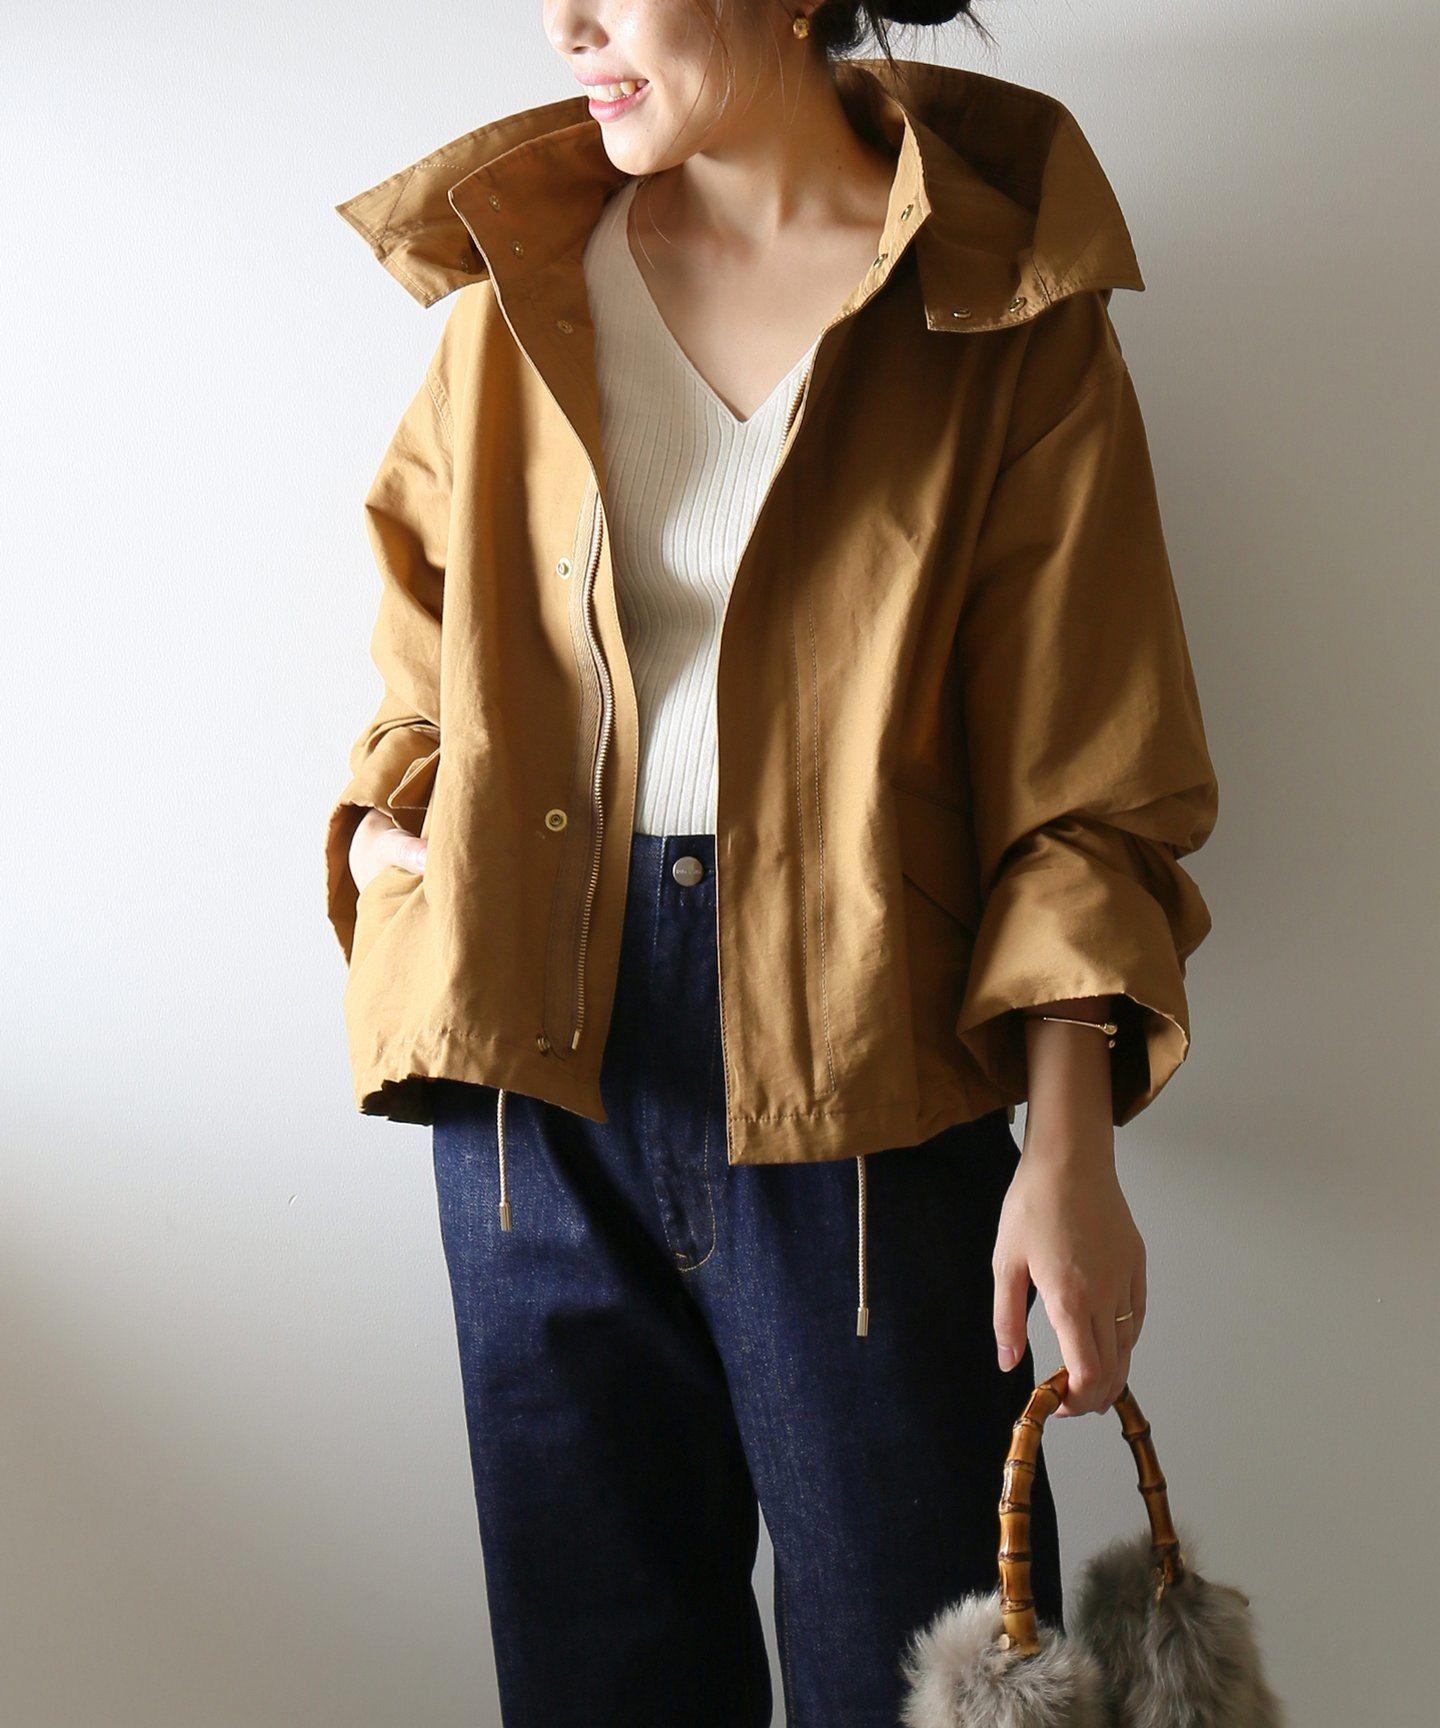 グログランフーディーブルゾン spick and span スピック スパン 公式のファッション通販 18011200801030 baycrew s store ファッション 春 ブルゾン ファッション通販